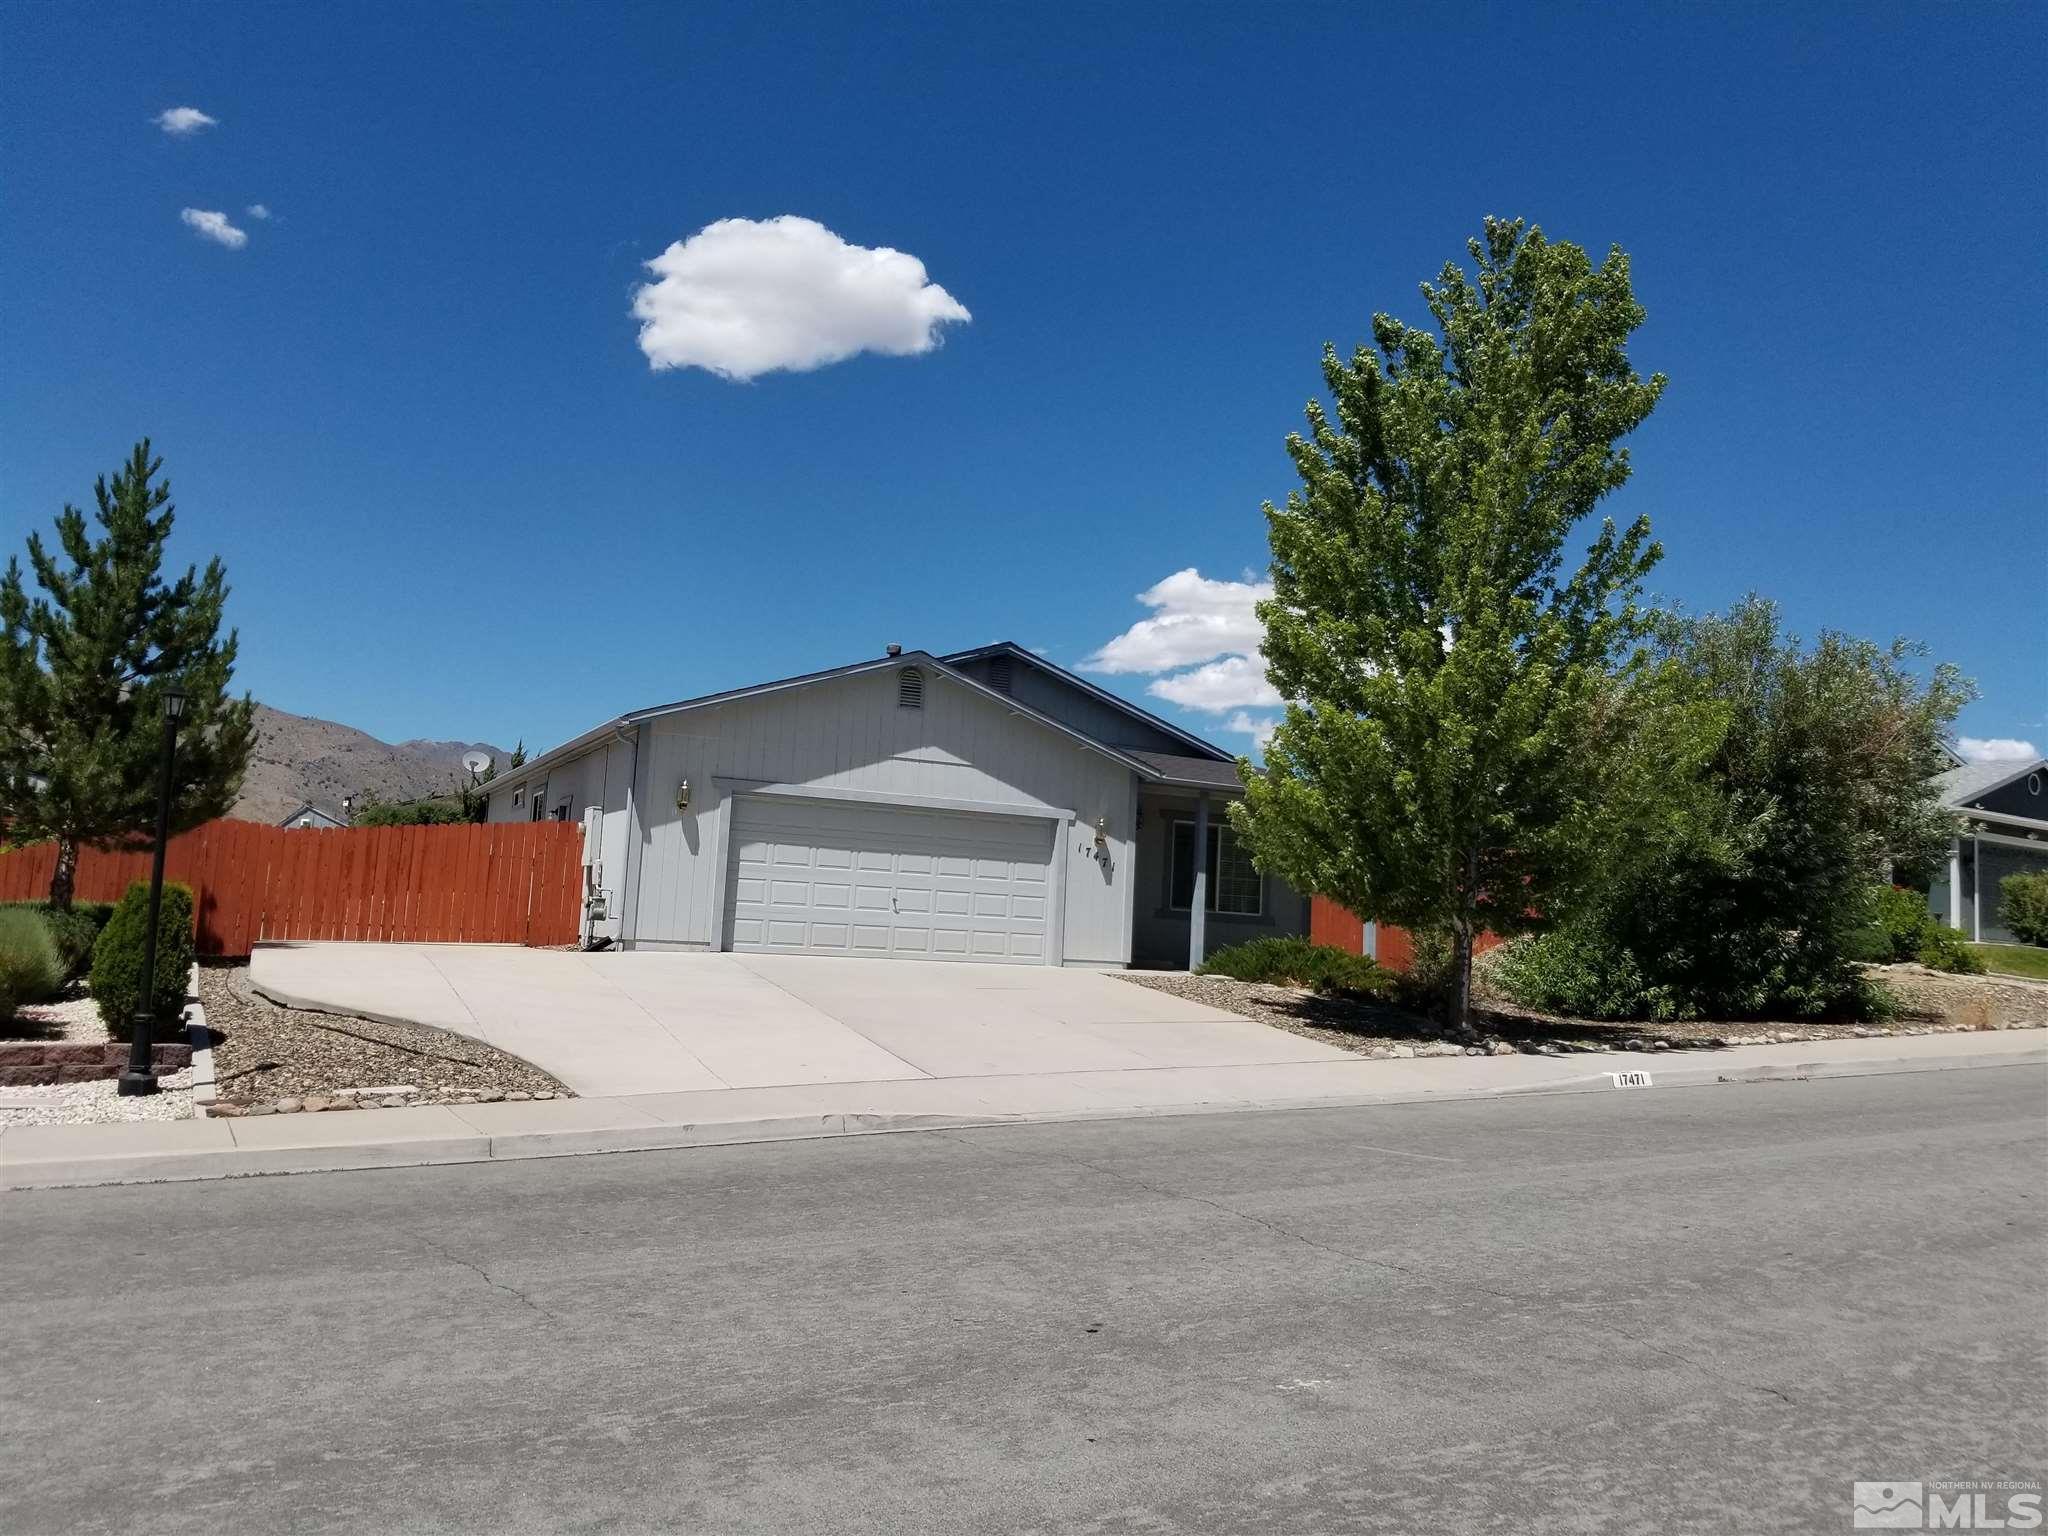 Image for 17471 Desert Lake Dr, Reno, NV 89508